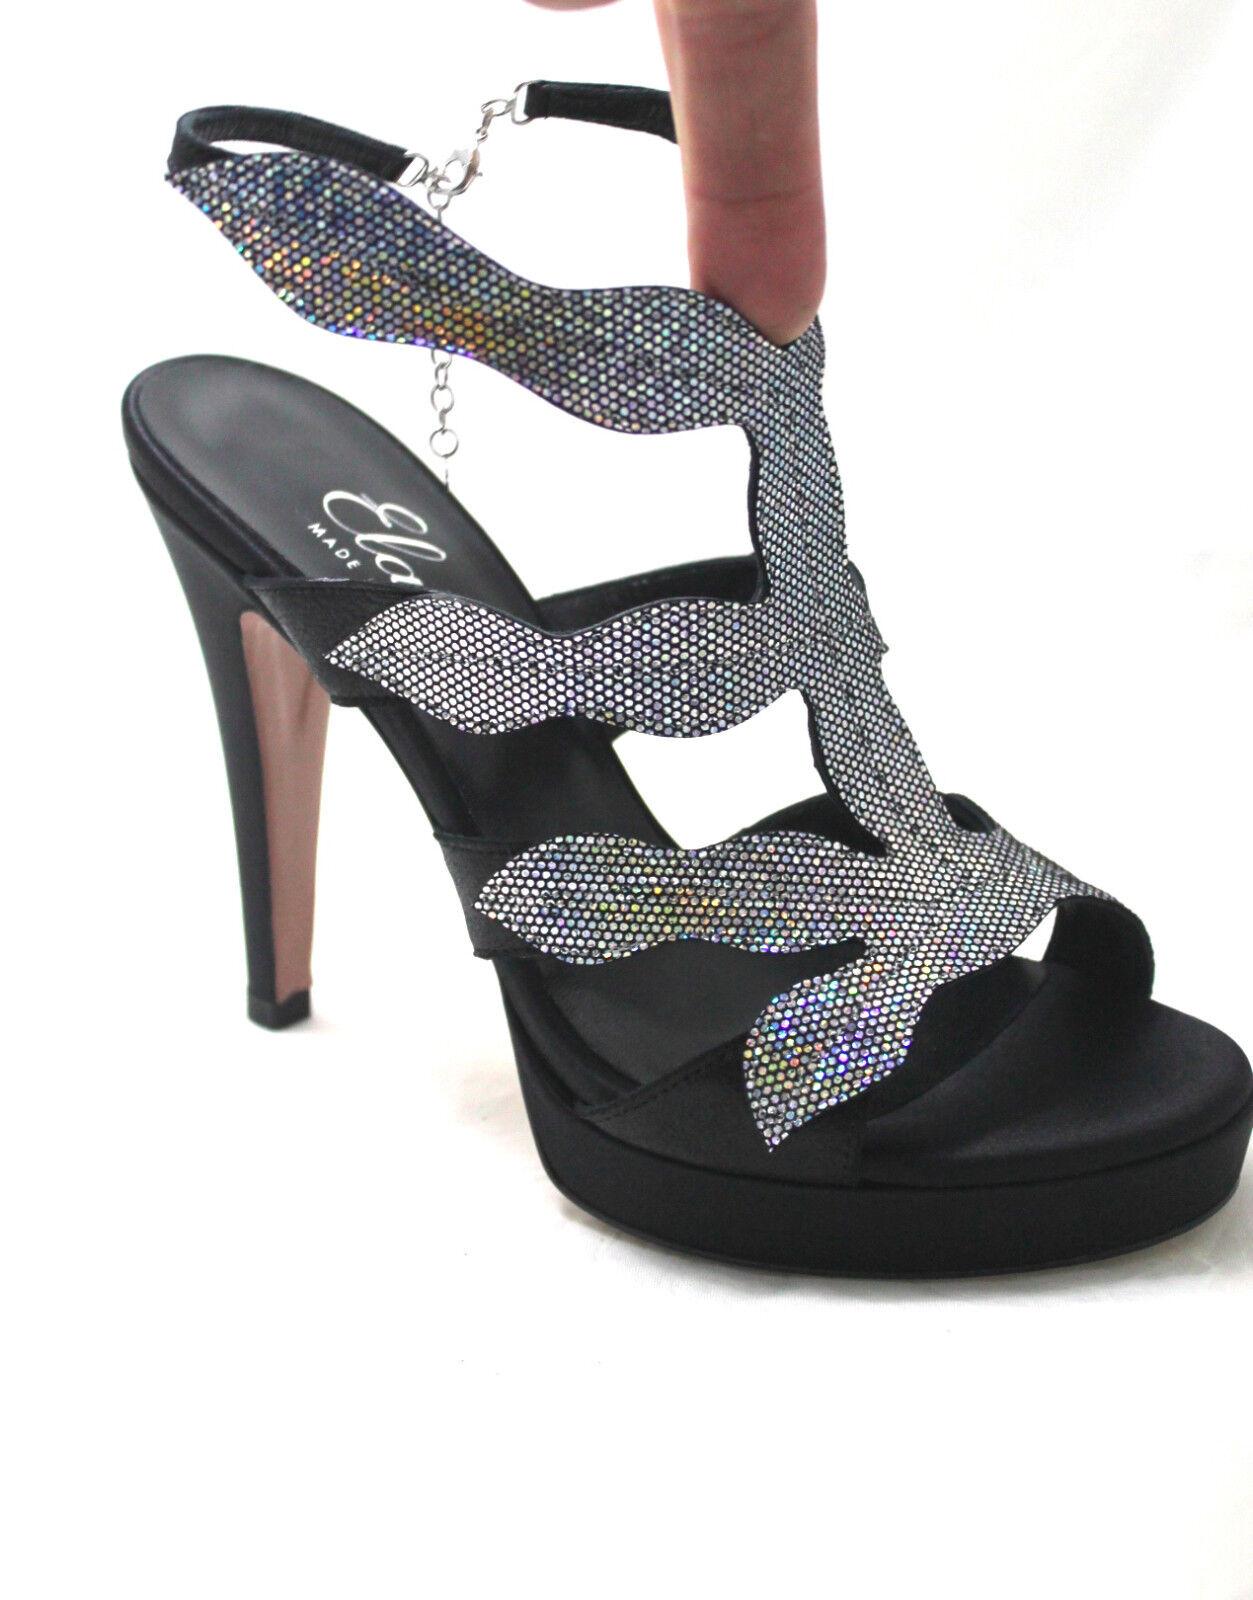 sandalo elegante ELATA 18102 tacco saten nero, argento, stras tacco 18102 alto e plato 4b5672